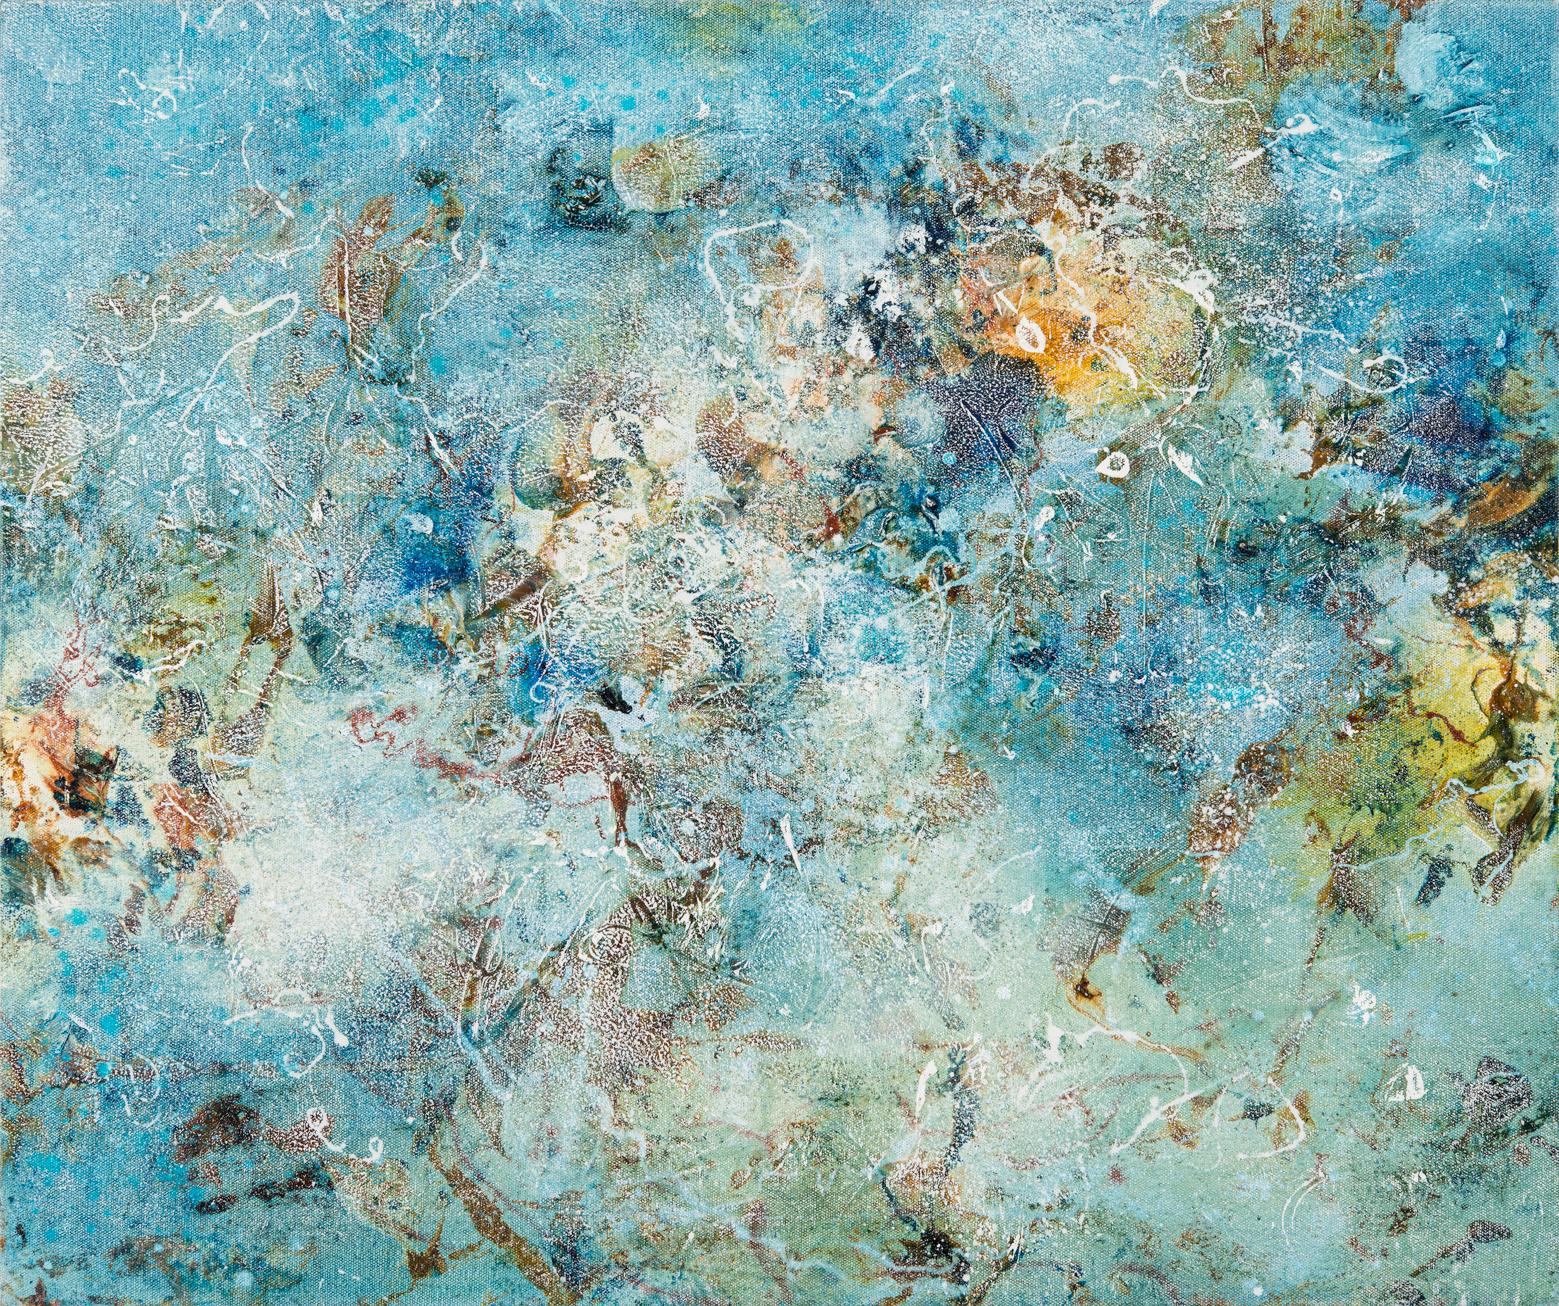 Ebb, oil on canvas, 50 x 60 cm